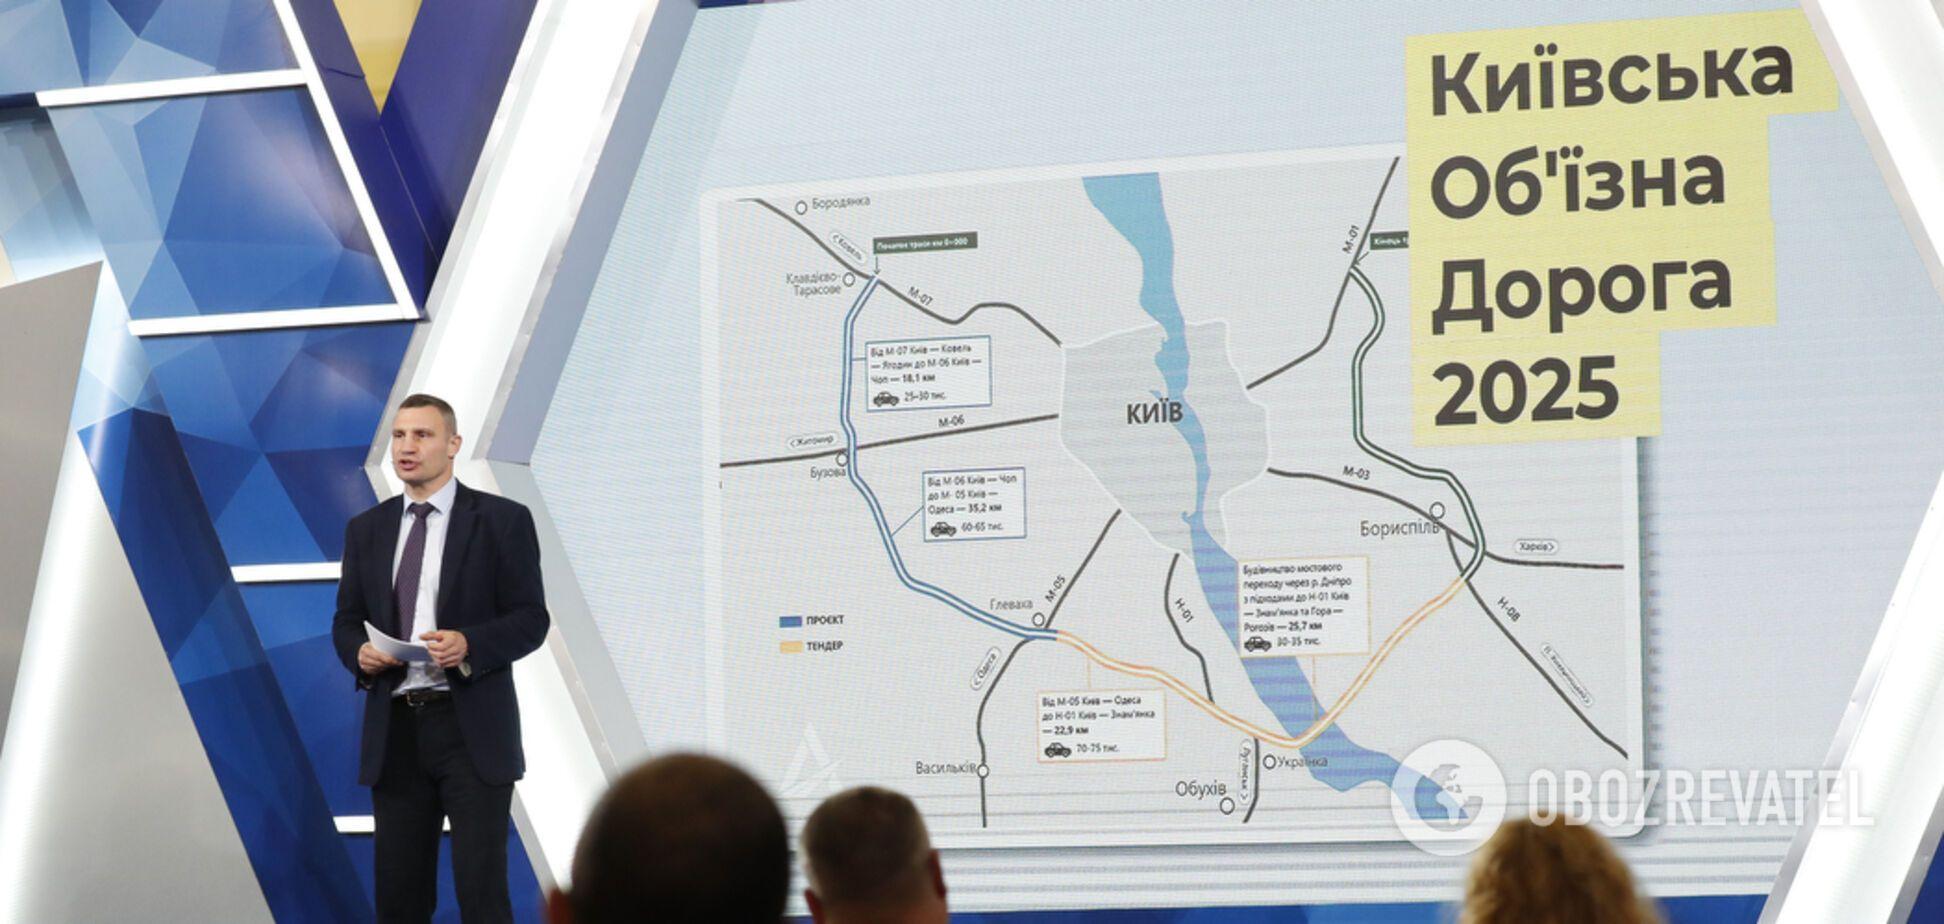 БудівництвоКиївської окружної дороги стане вирішенням проблеми транзитного транспорту у столиці